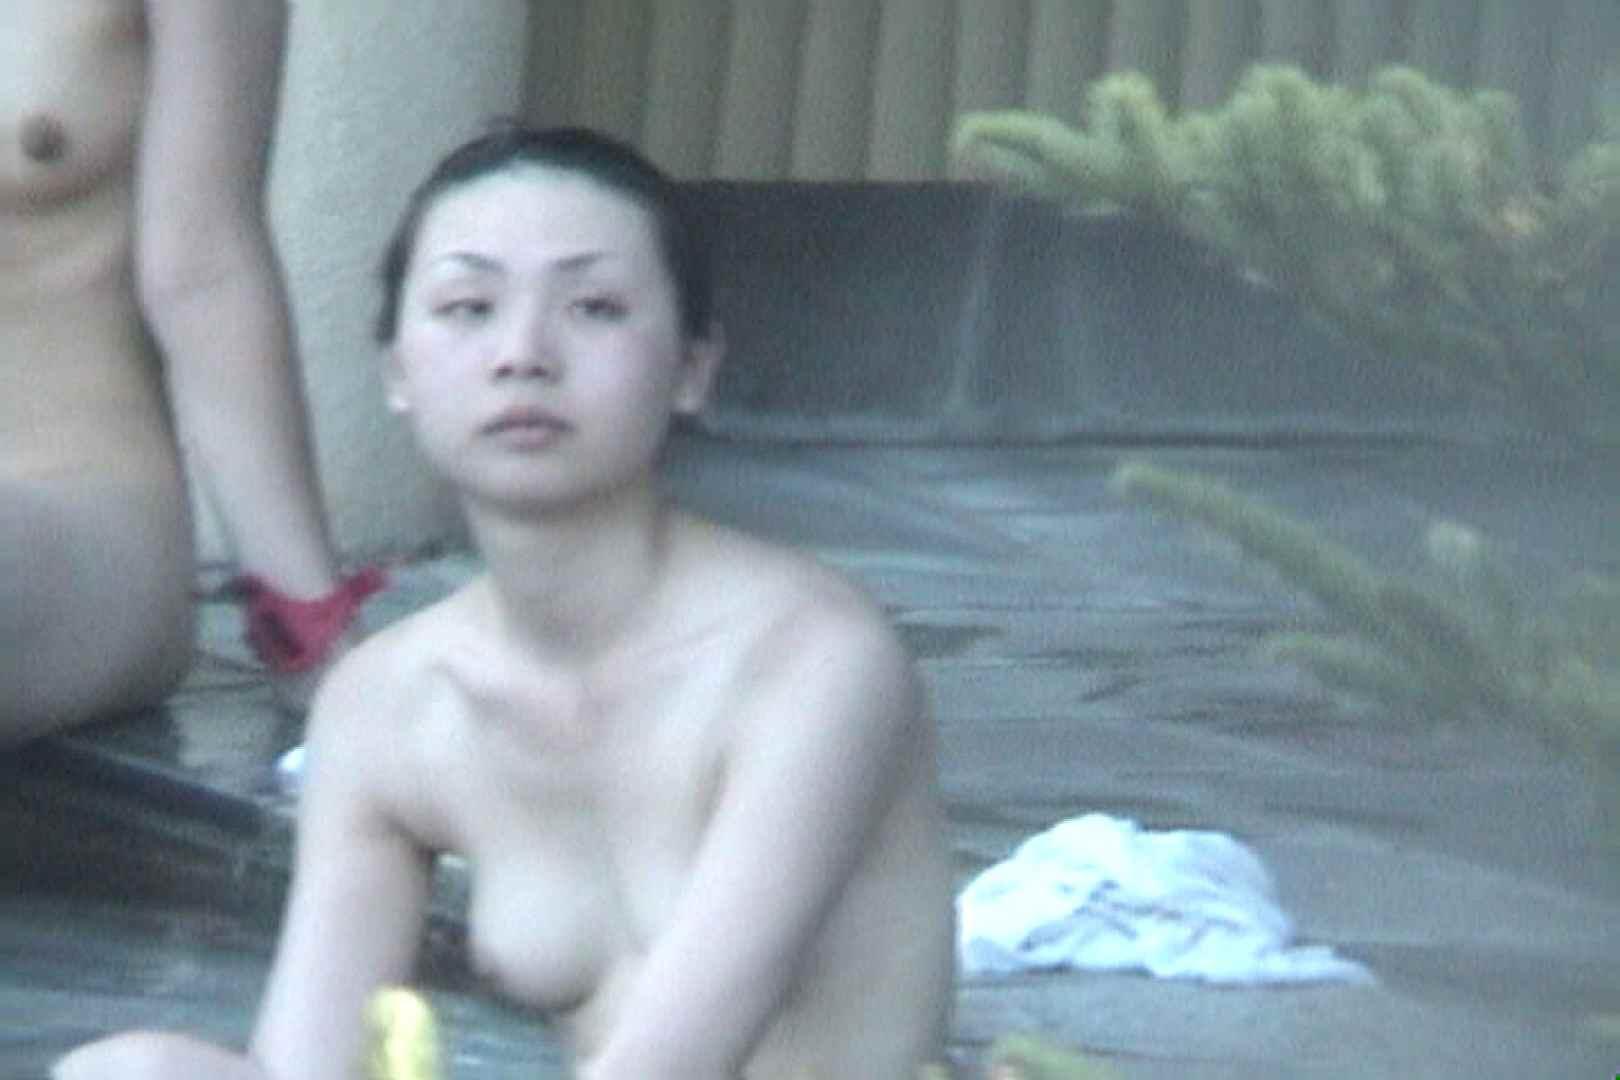 Aquaな露天風呂Vol.643 HなOL 盗撮動画紹介 105pic 52